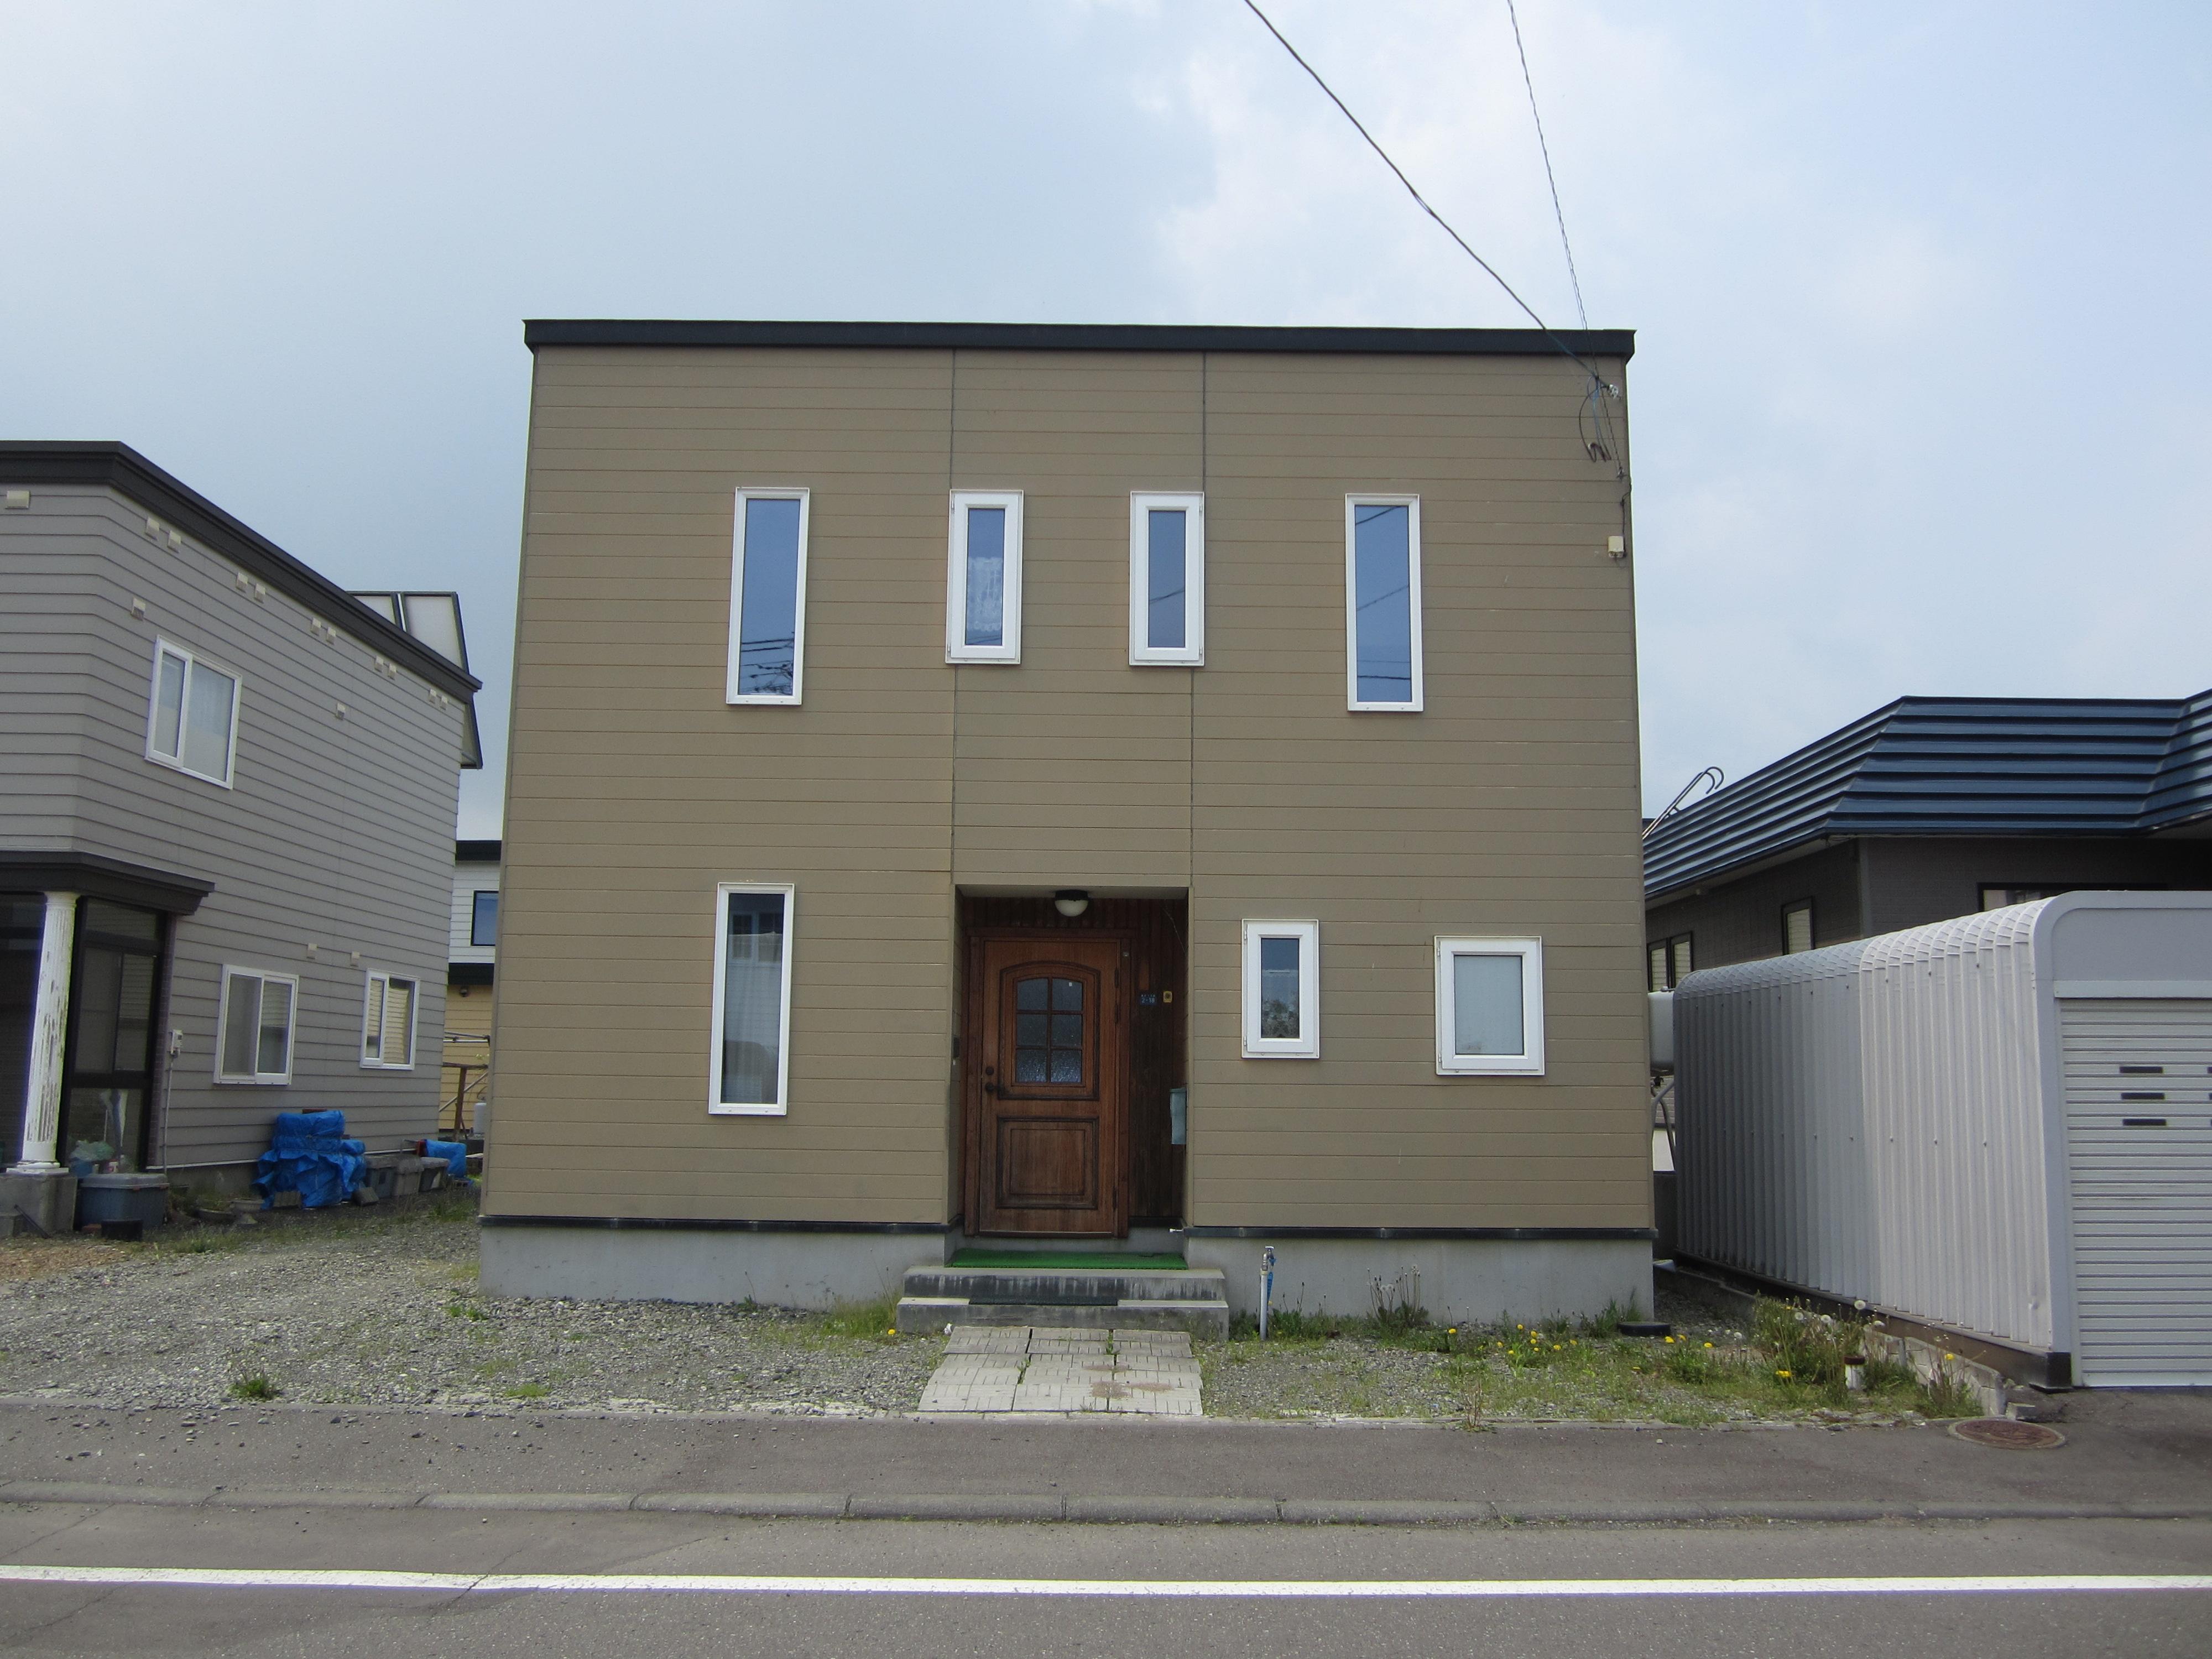 ツーバイフォー二世帯住宅、土地95坪